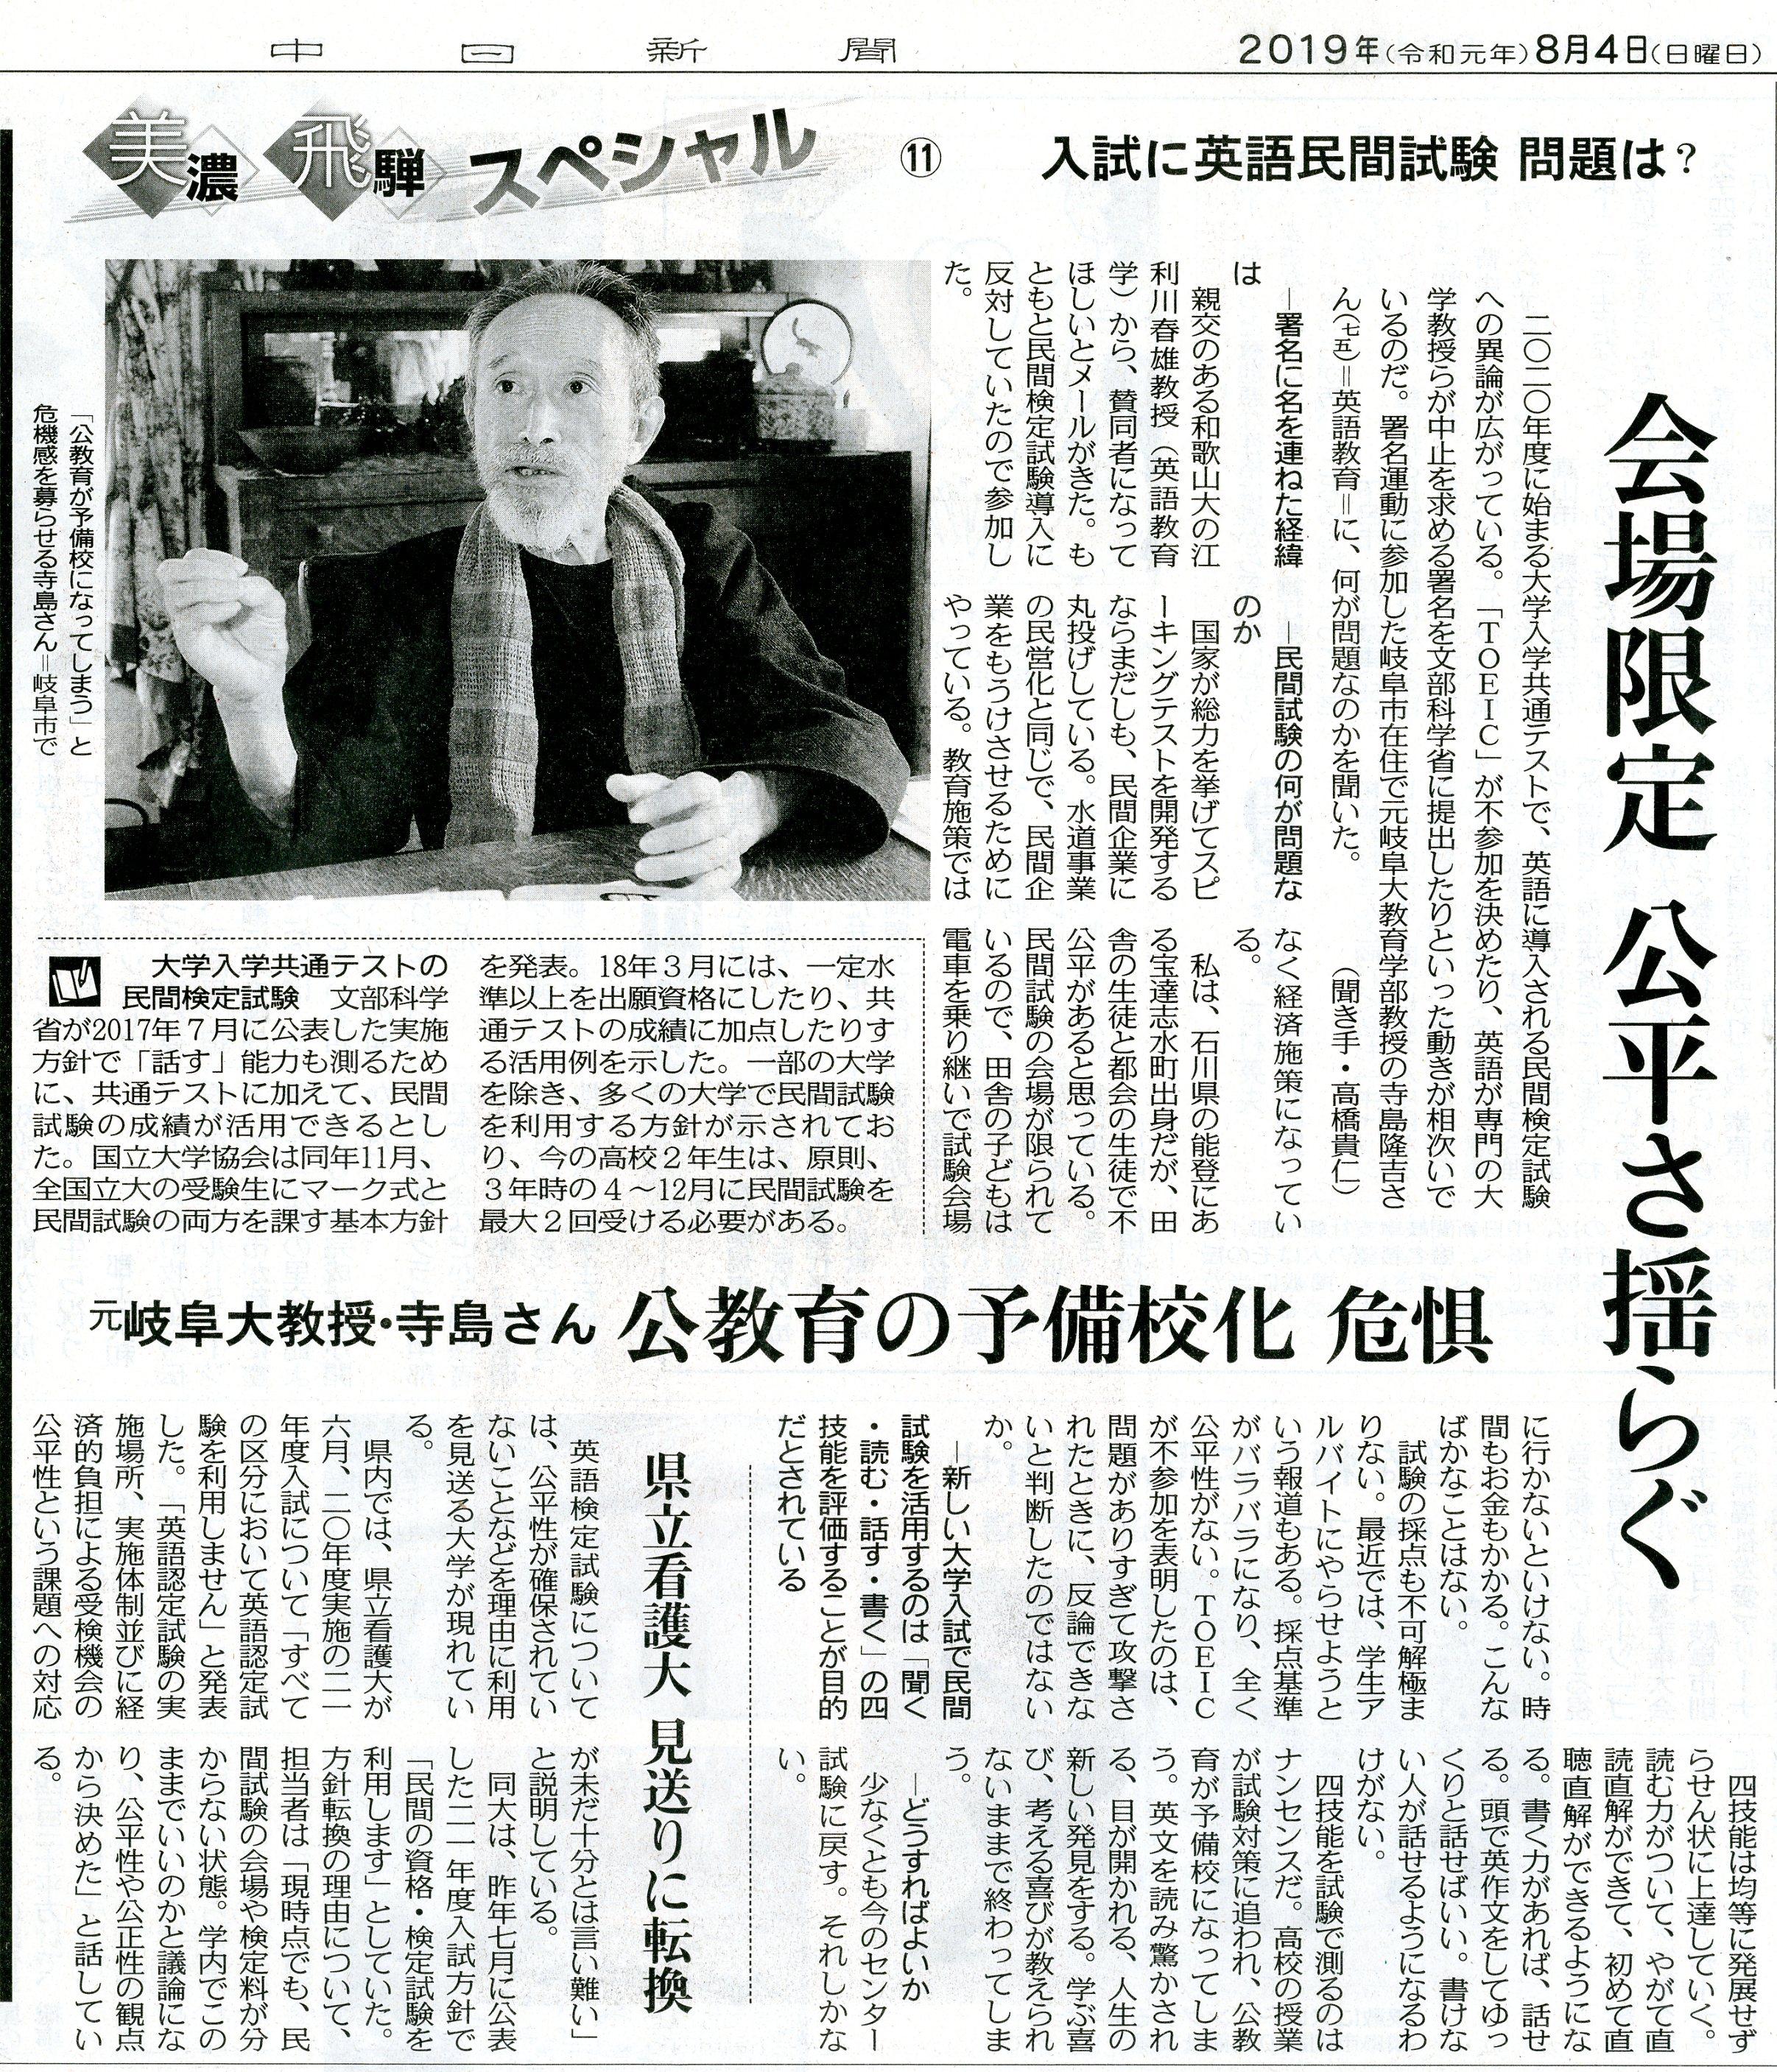 中日新聞インタビュー記事20190804 入試に民間試験370